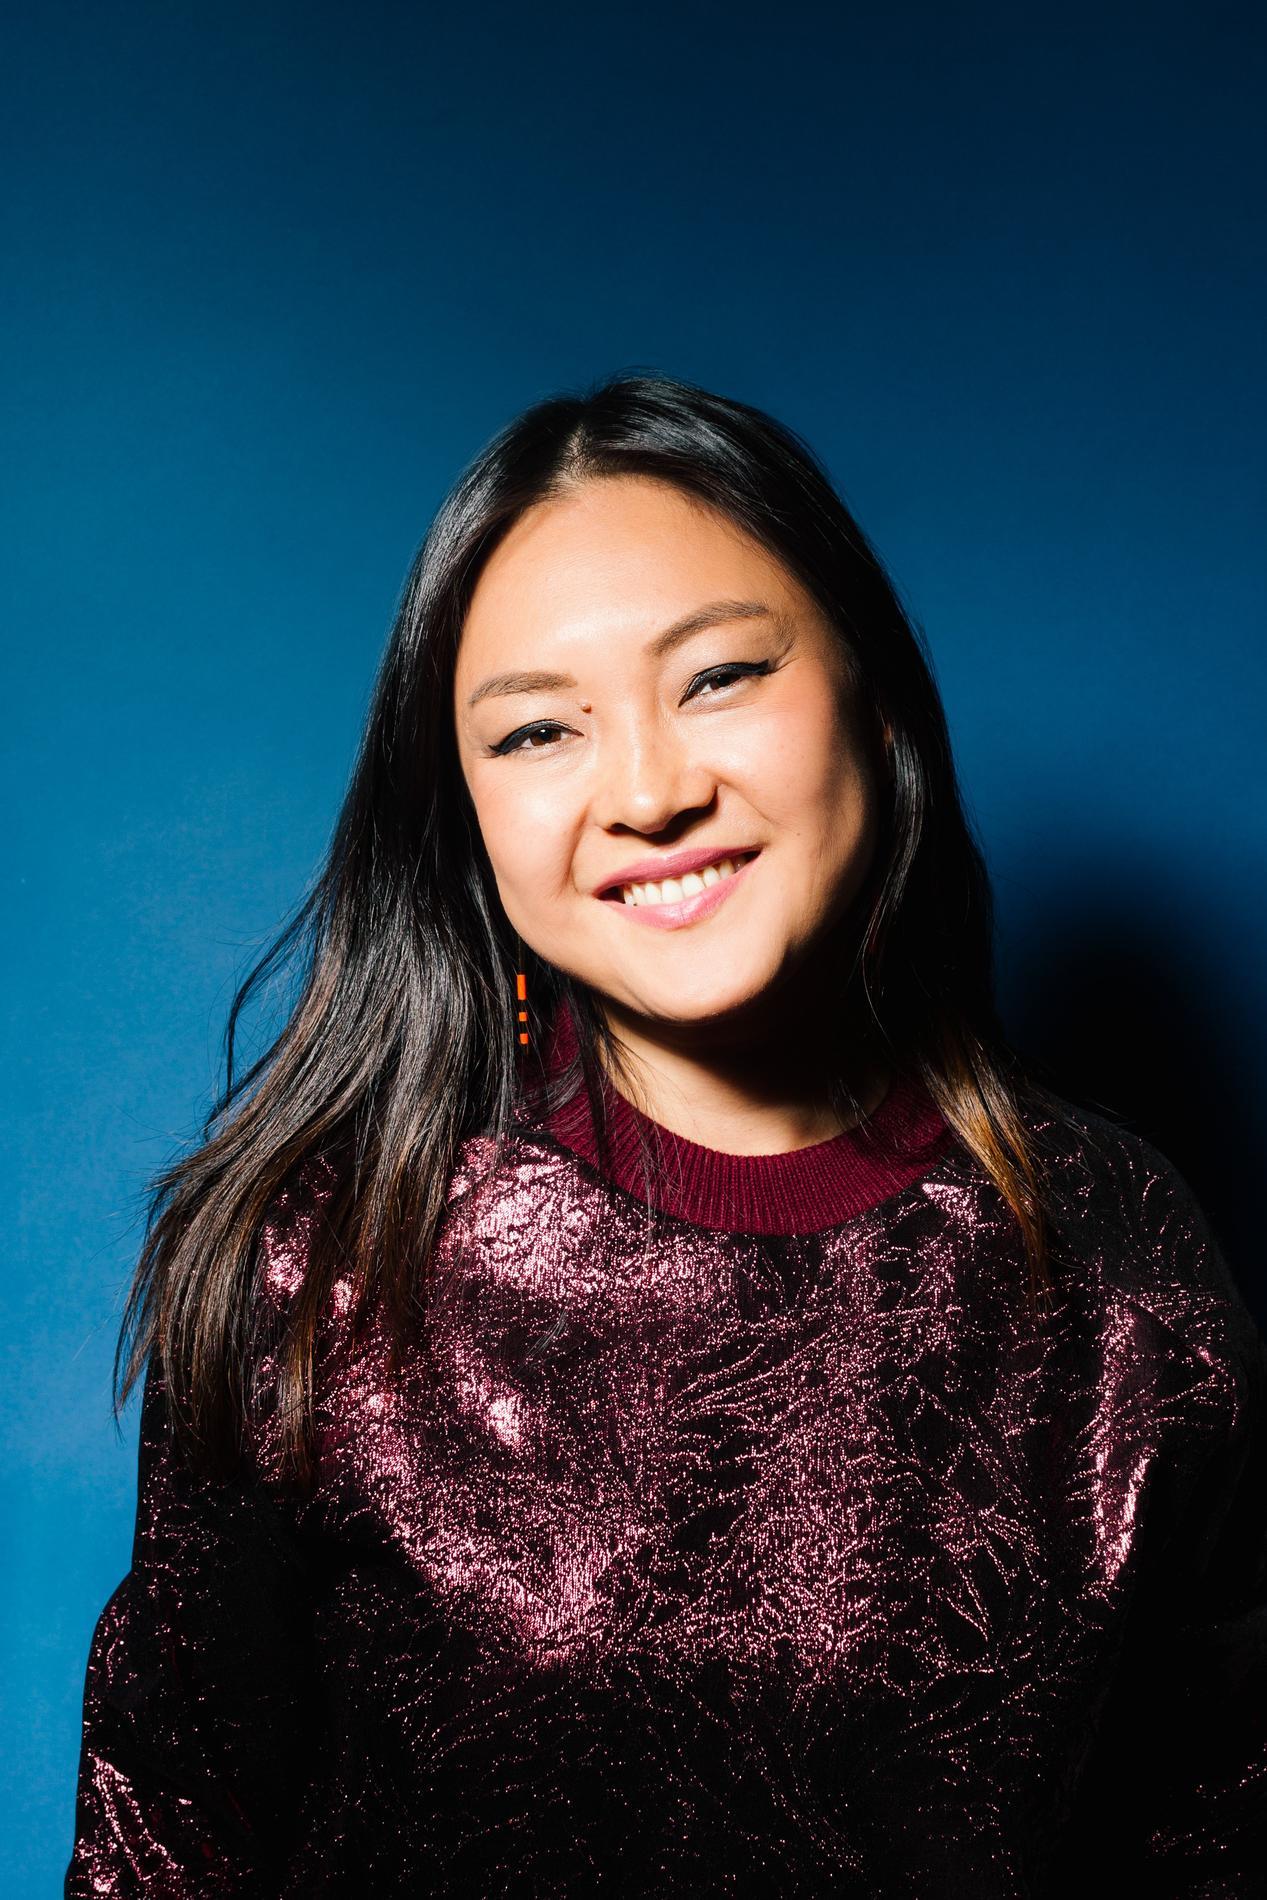 Rencontre femme asiatique en France : TOP 3 des meilleurs sites